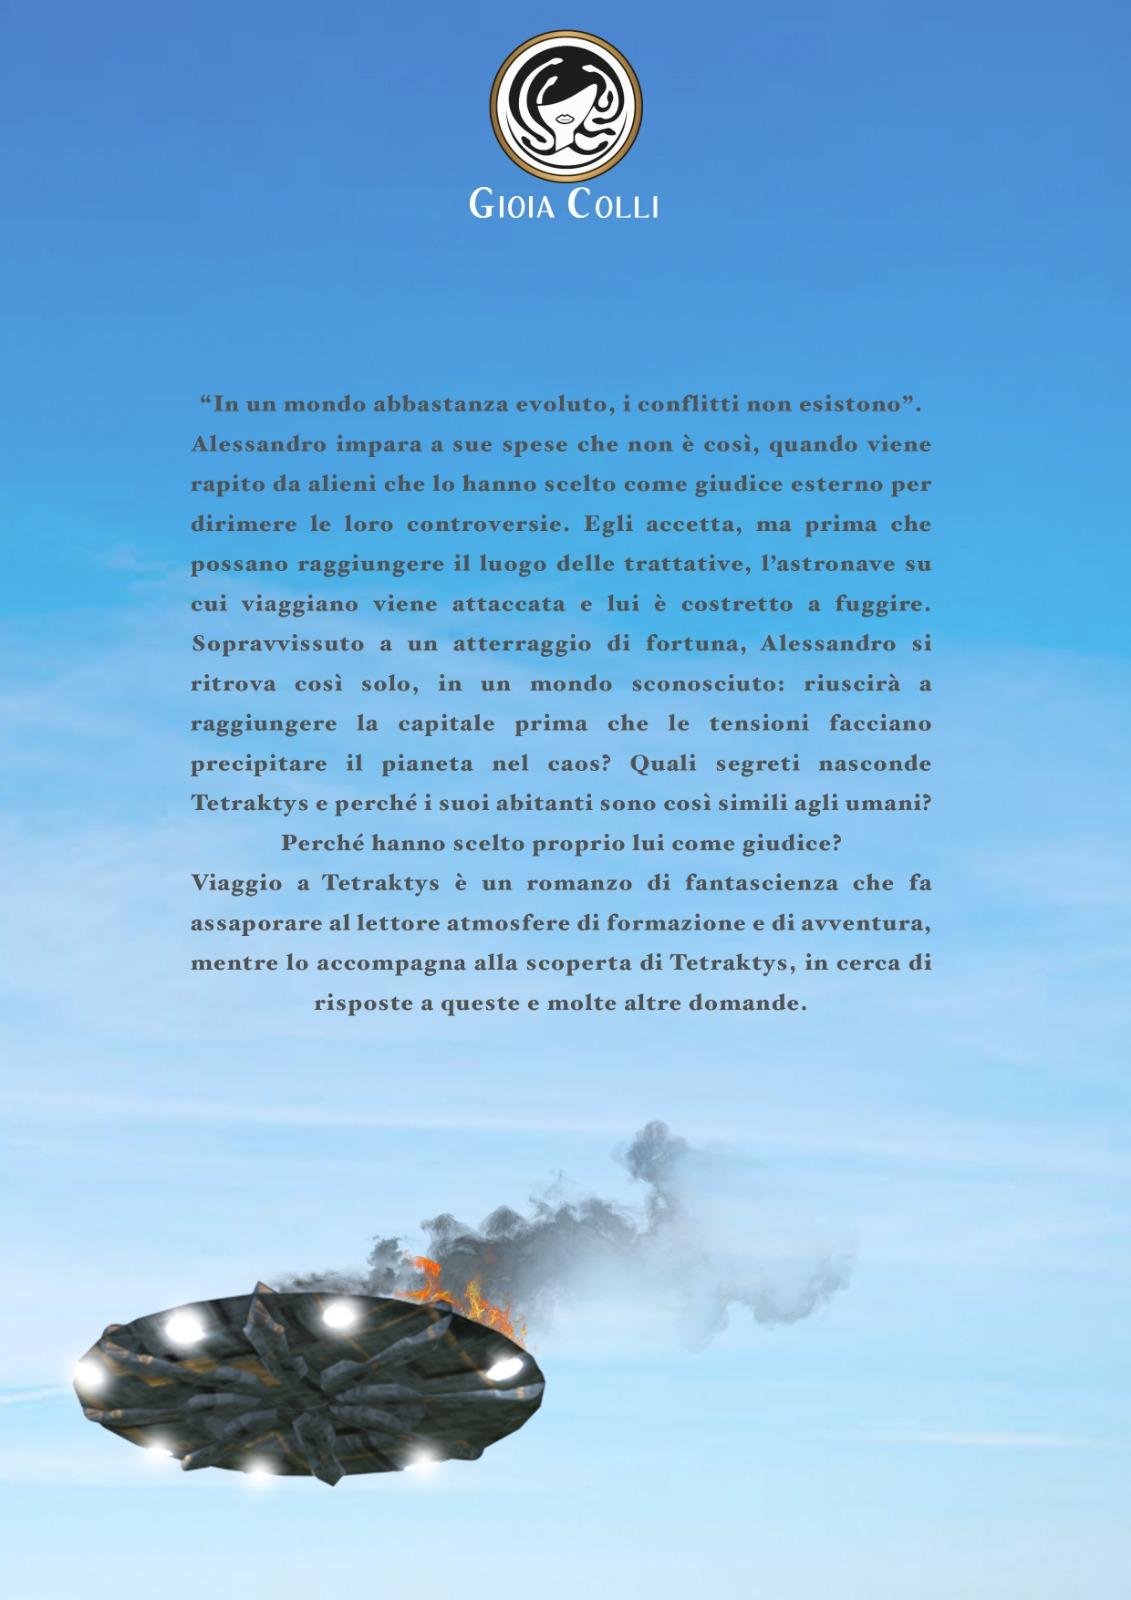 Gioia Colli - Viaggio a Tetraktys - Retro di copertina